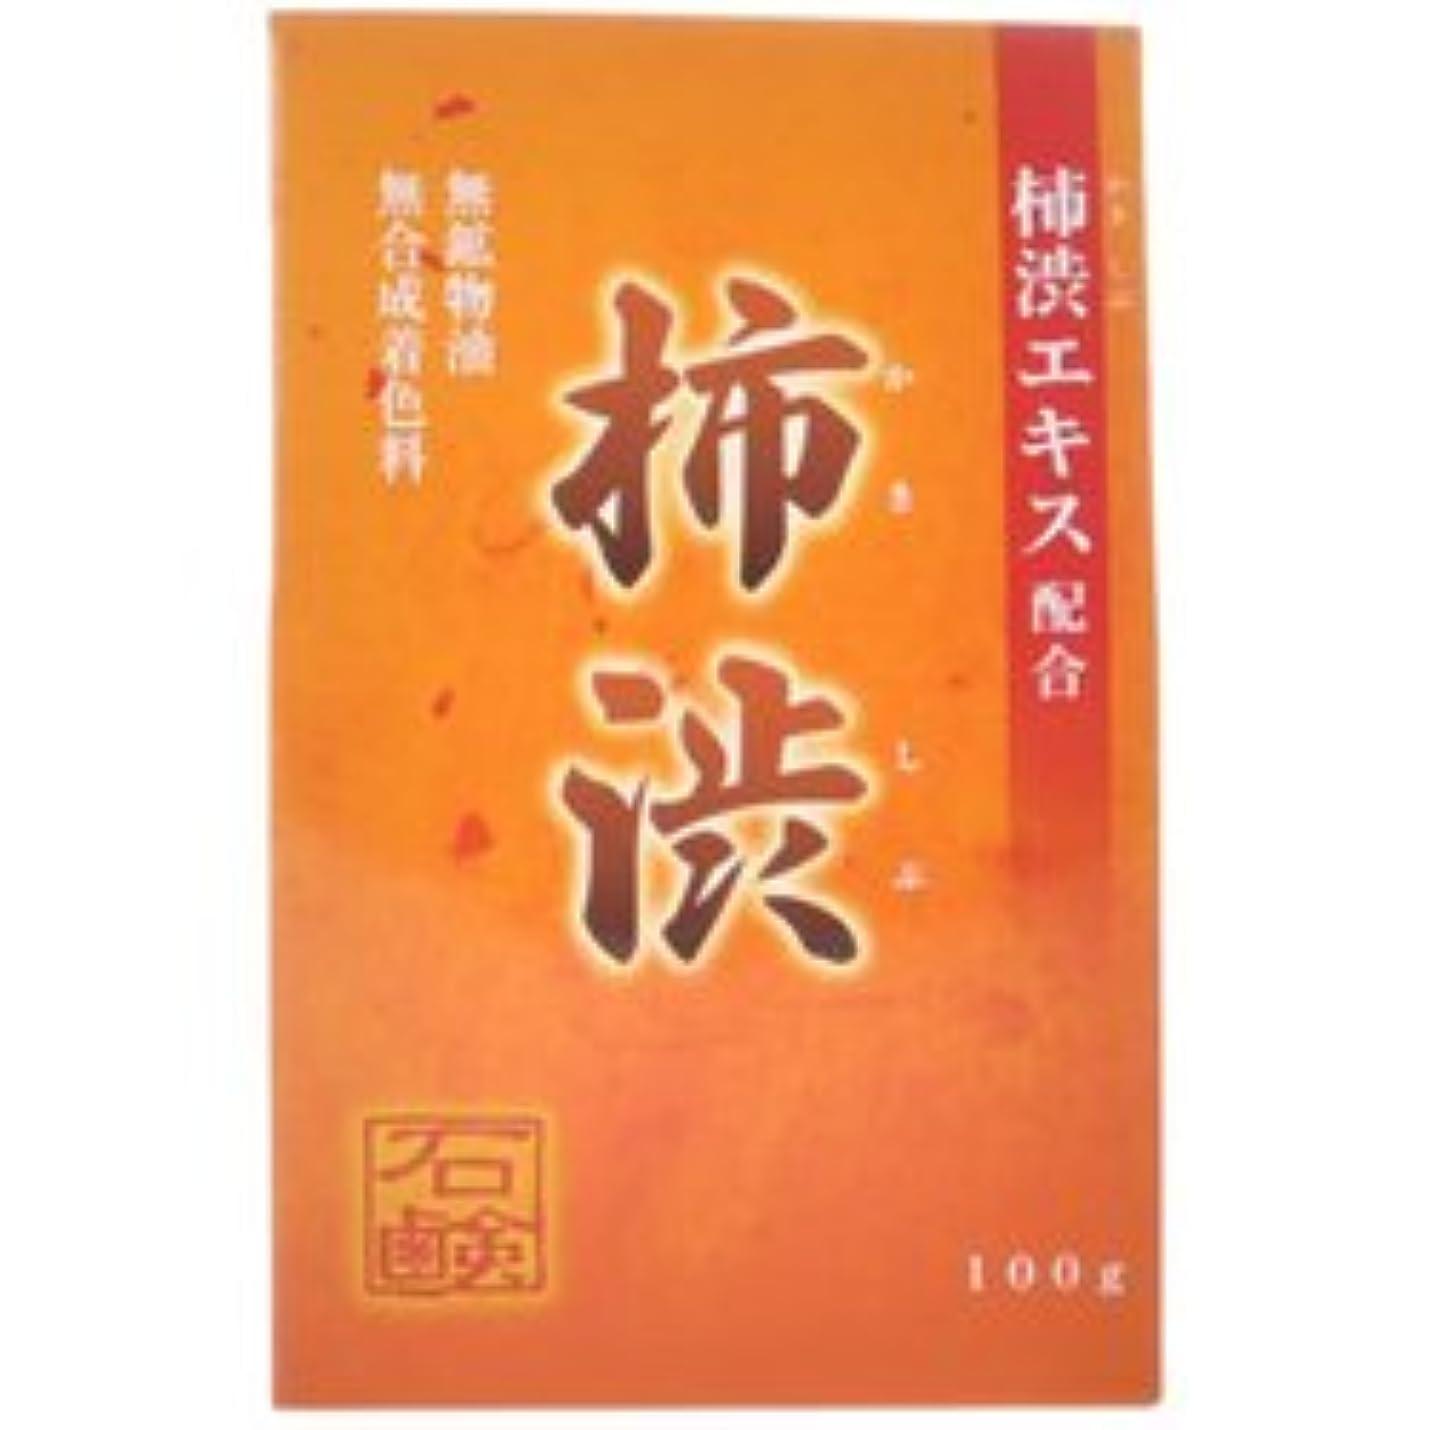 雑品精査する食品【アール?エイチ?ビープロダクト】新 柿渋石鹸 100g ×3個セット